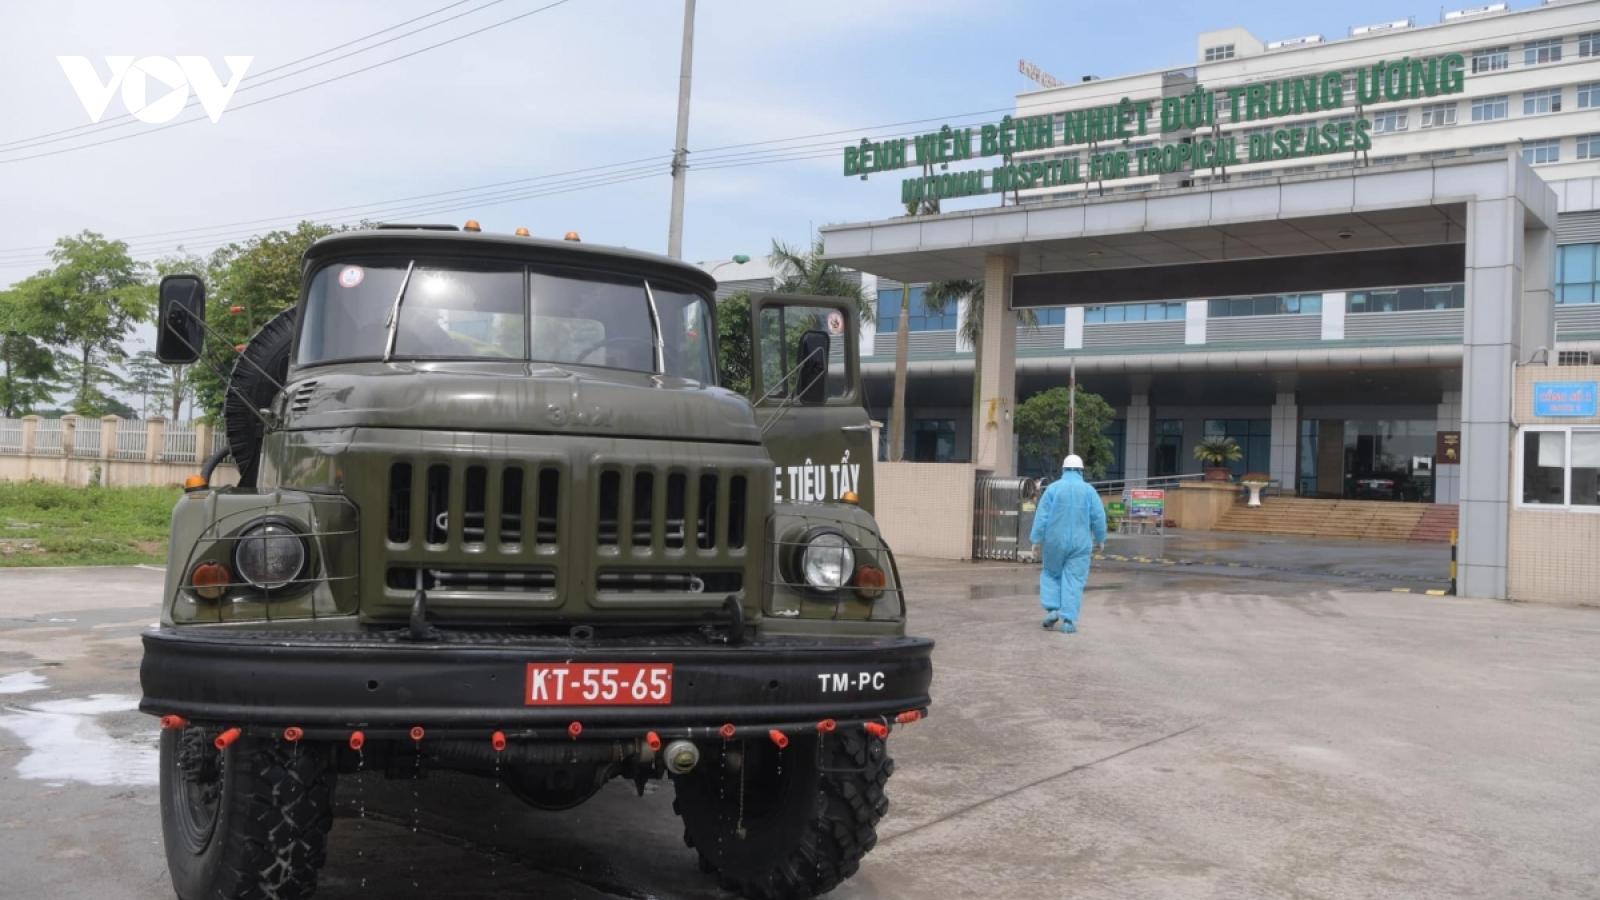 Chuyên gia cảnh báo nguy cơ lây nhiễm mạnh COVID-19 trong không gian kín tại Việt Nam